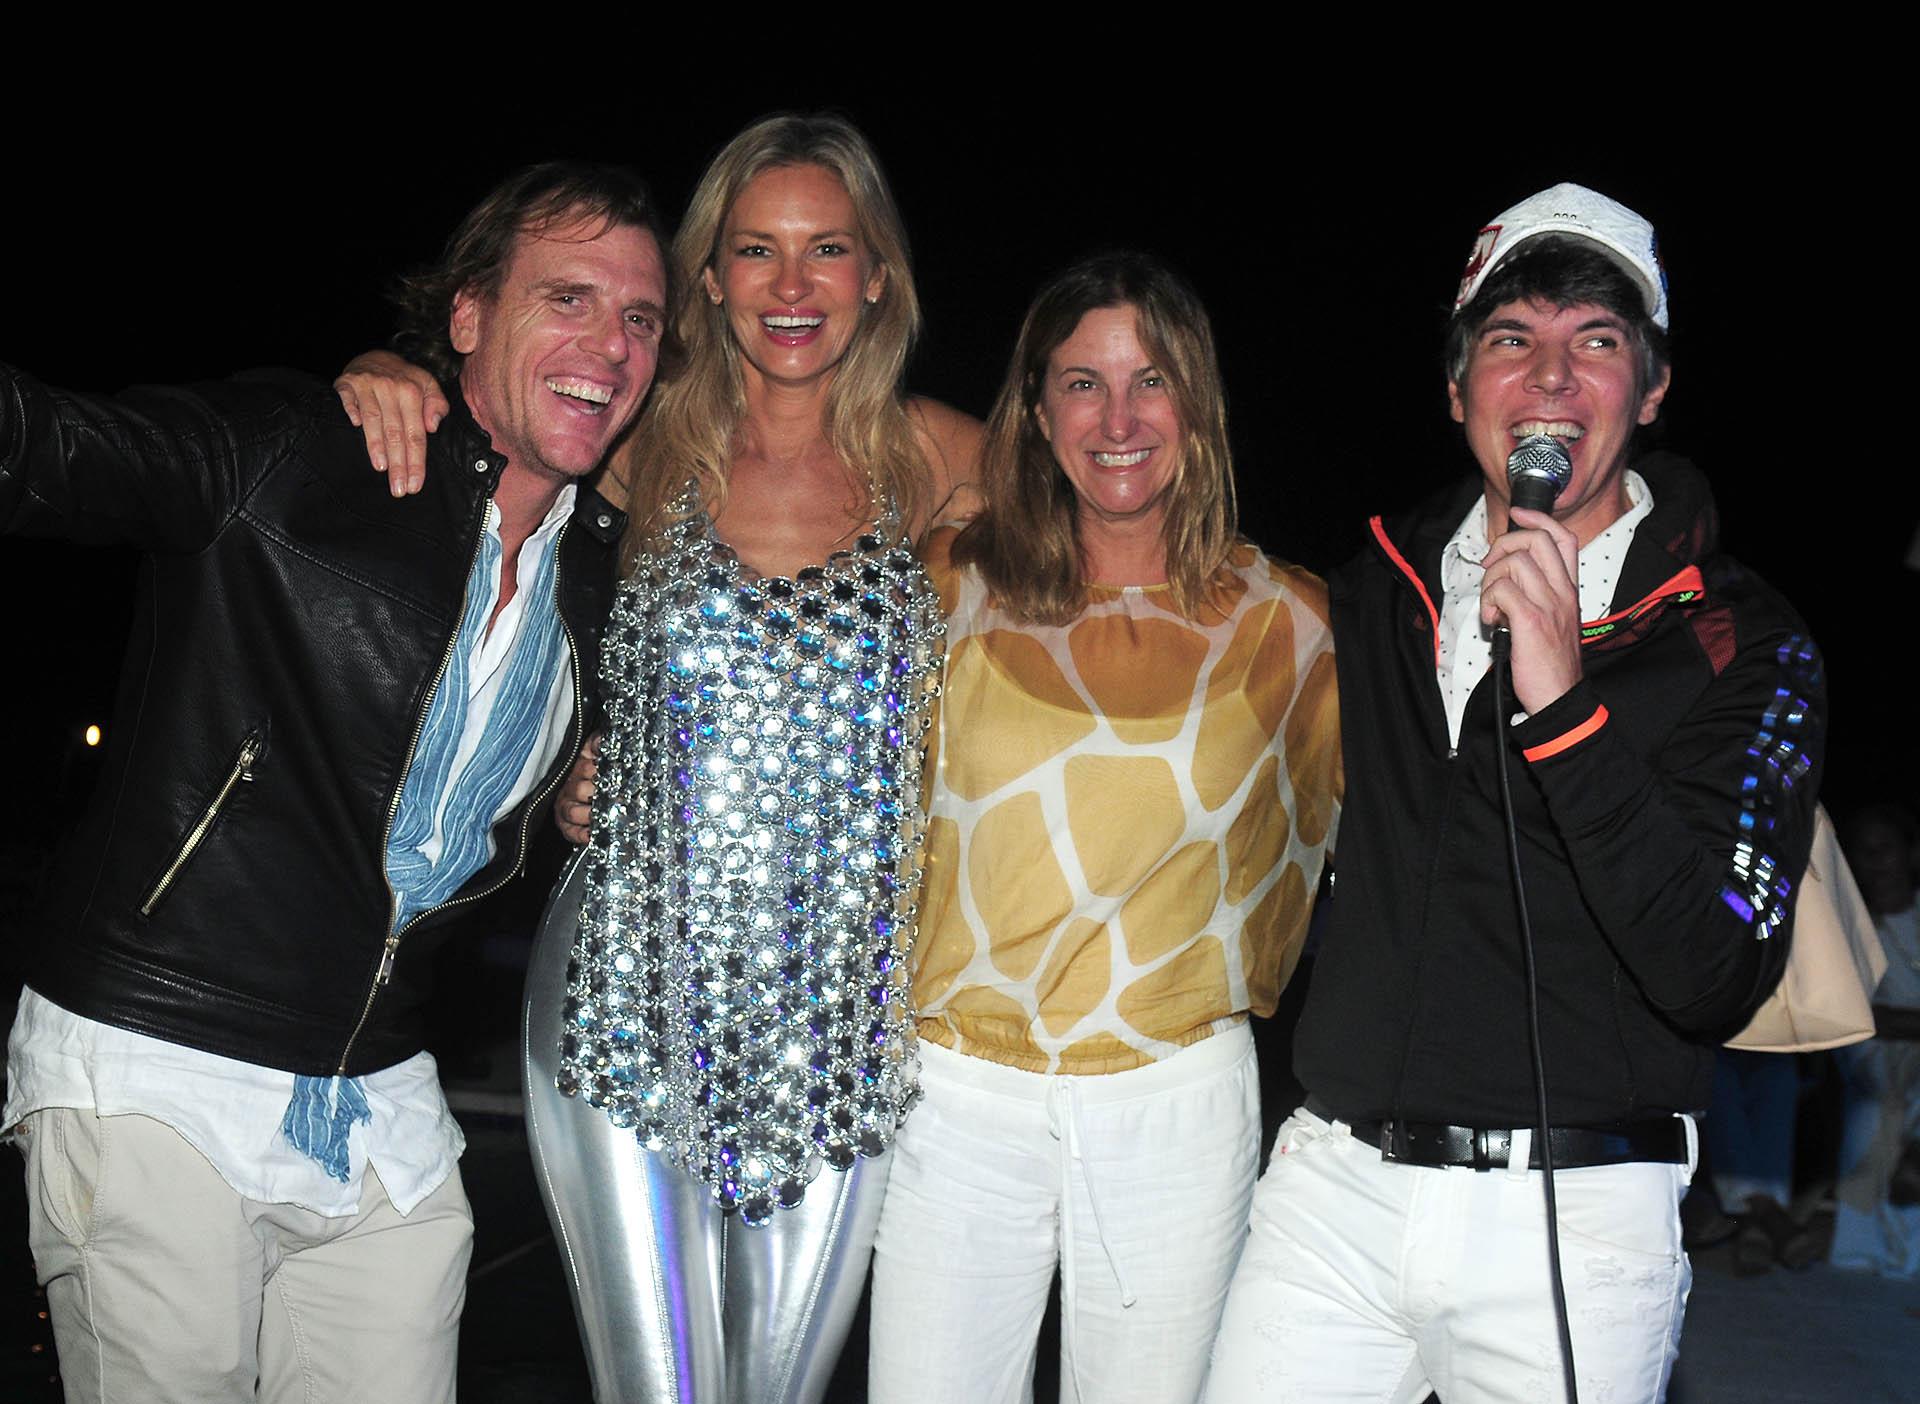 Francisco Pugliese y María Alfonso de Pugliese, quienes viajaron especialmente de Los Ángeles, junto a Lily Sciorra y Maxi Trusso